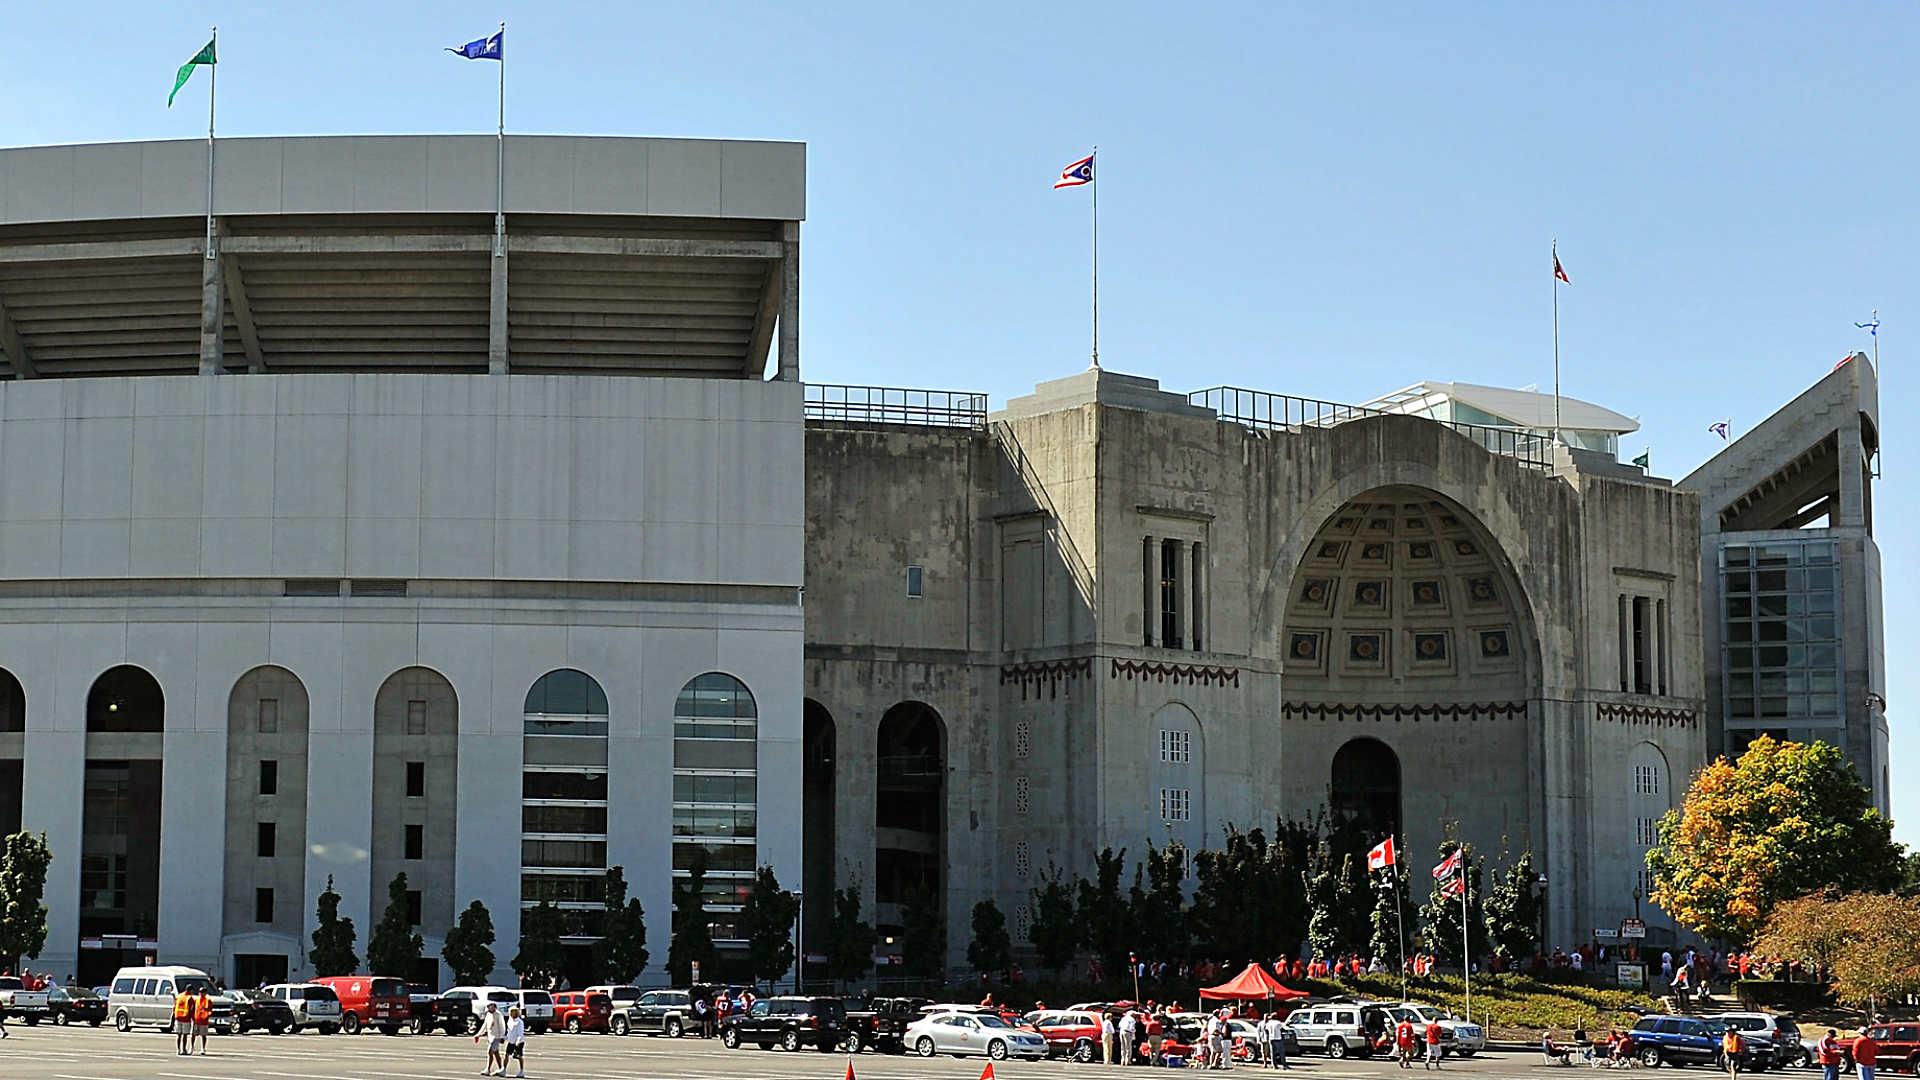 Ohio-stadium-081718-getty-ftrjpg_18fhb50qwt2k016i6oir6ye7qa